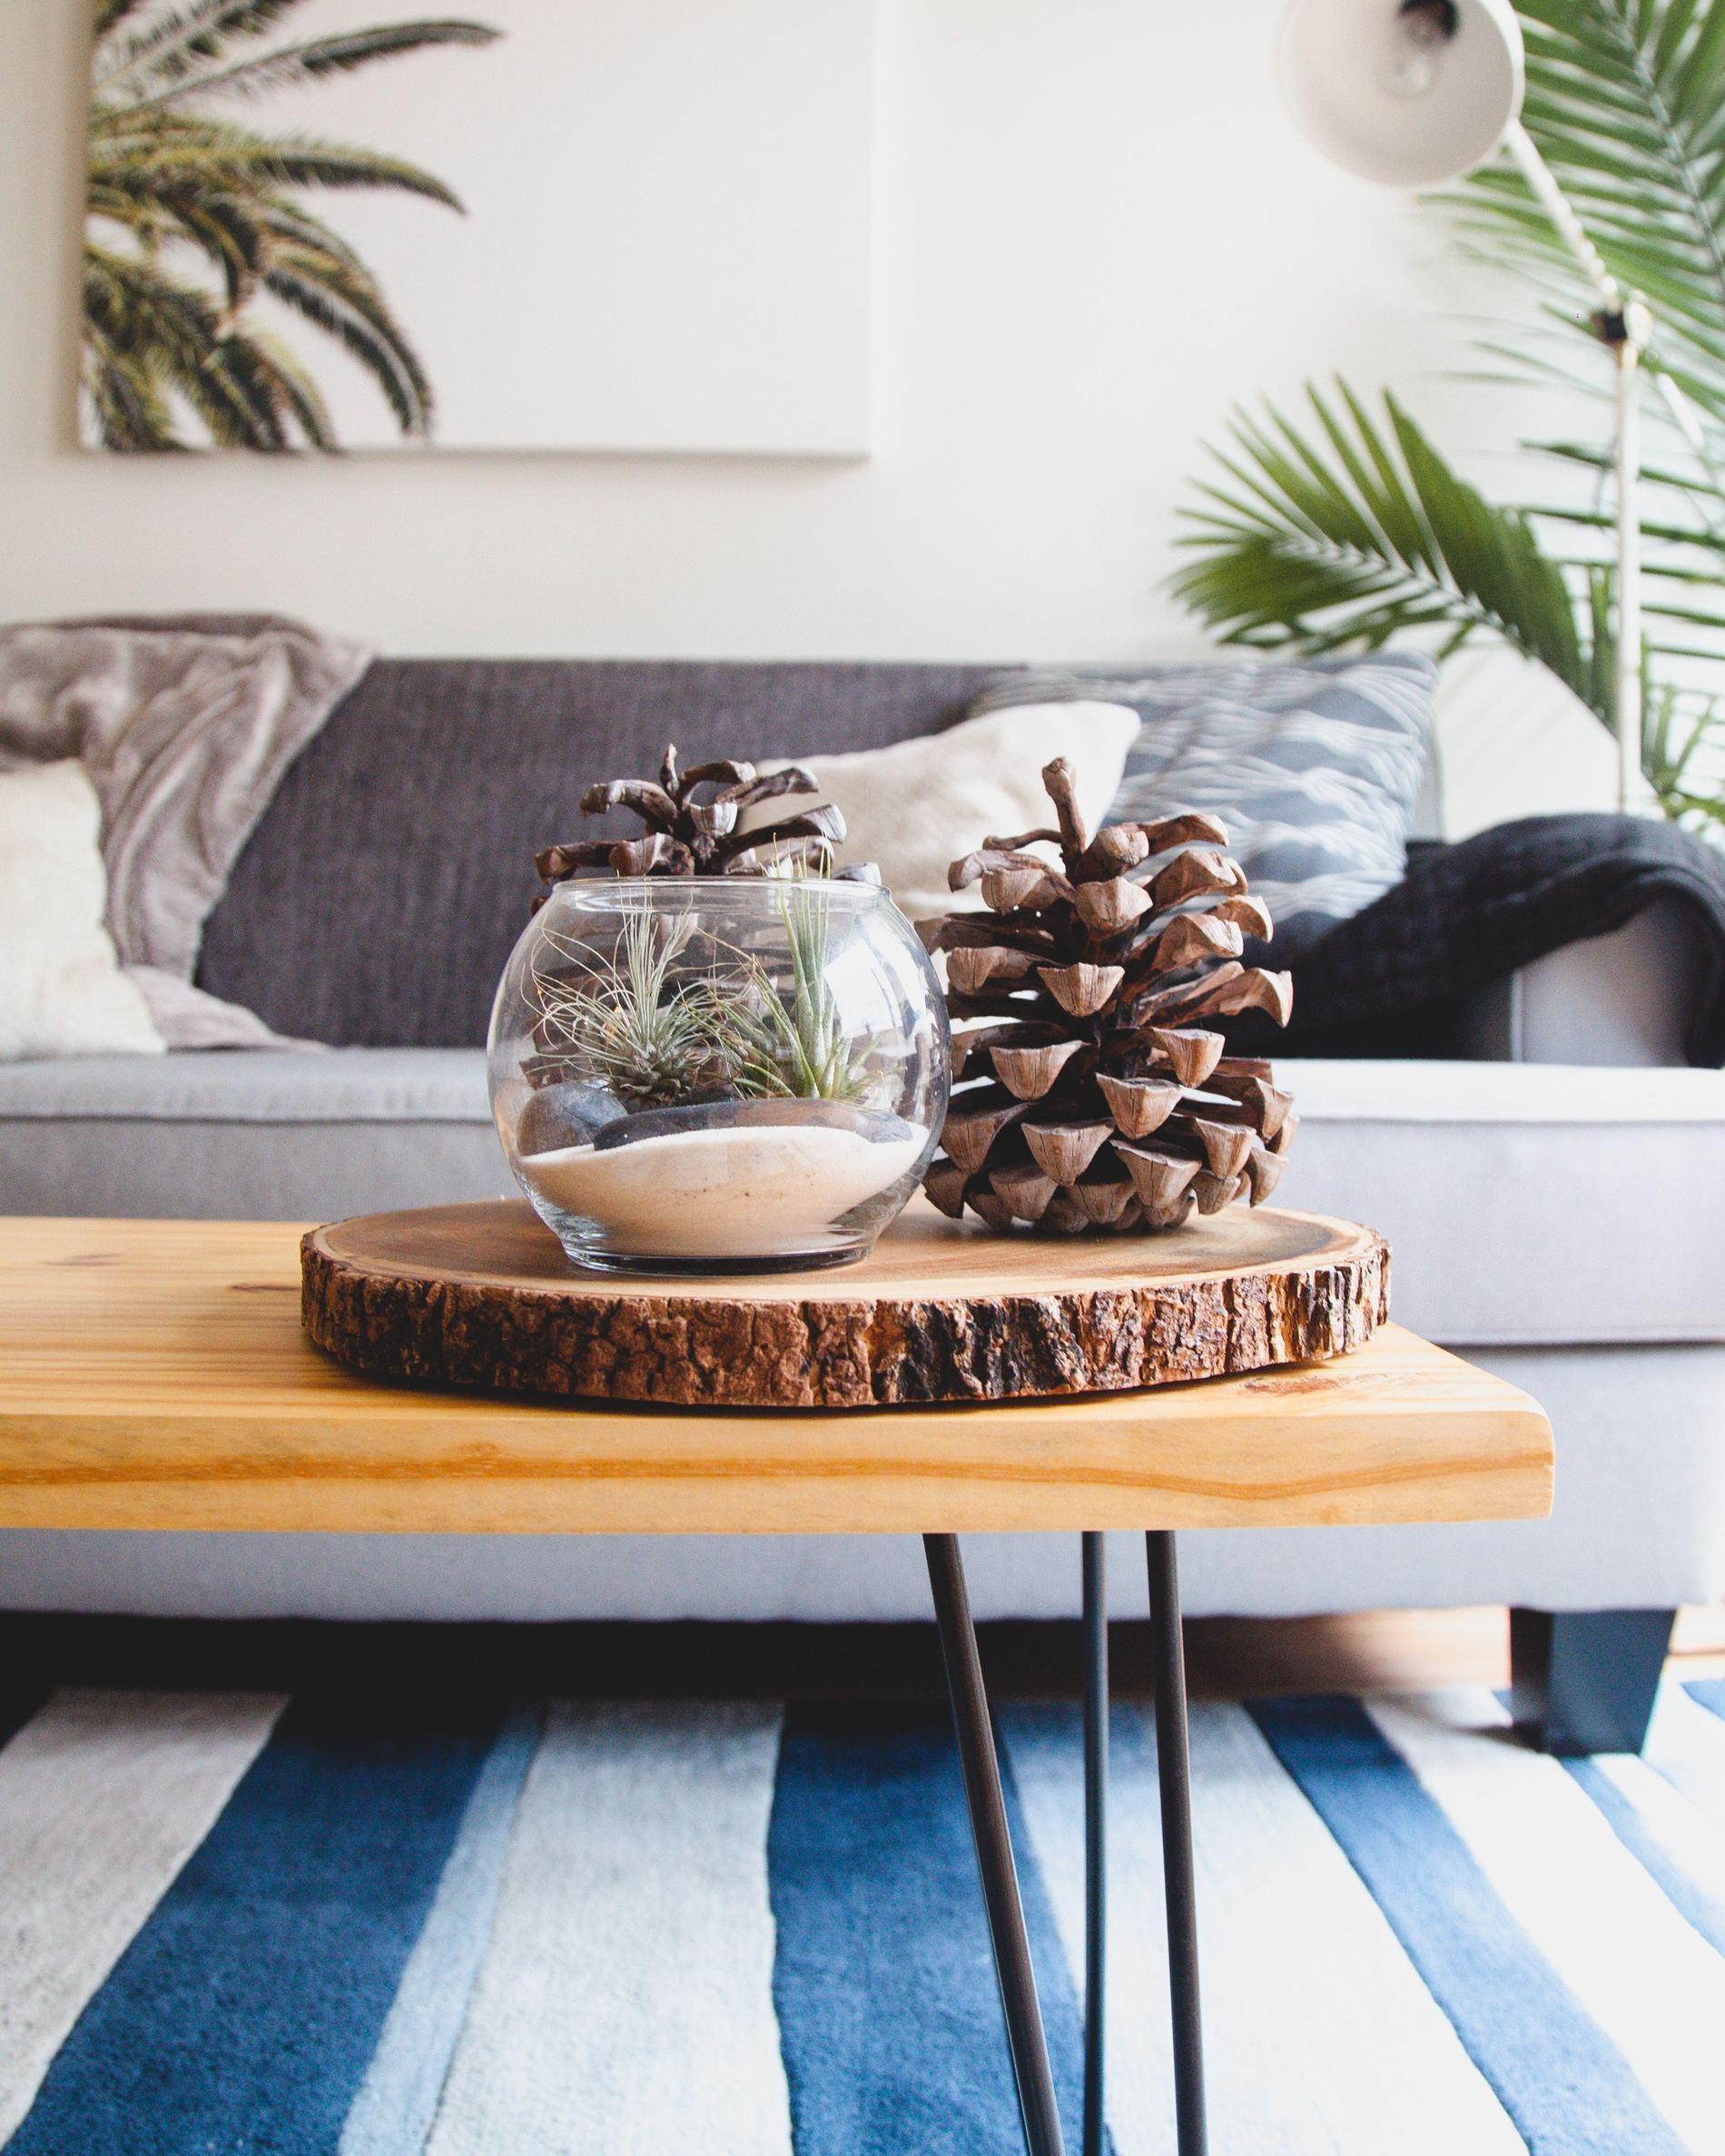 möblum uso del color en los espacios de tu casa o depa, combinación de muebles y accesorios